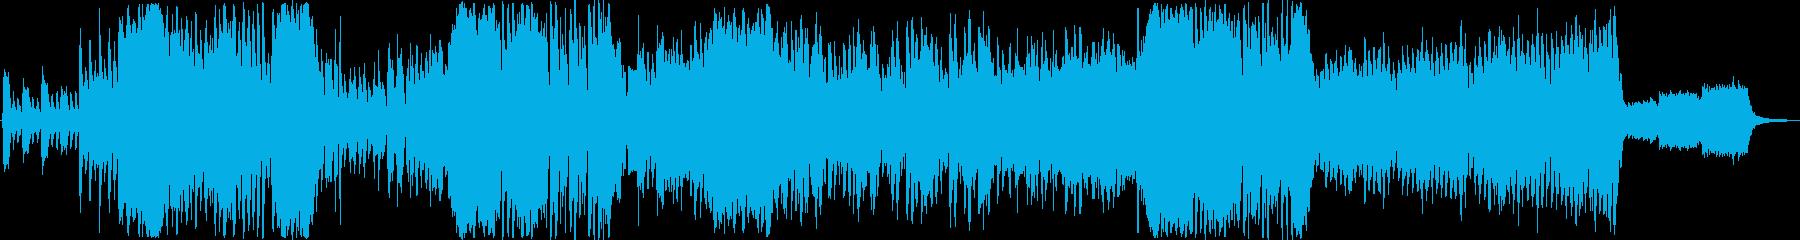 オーケストラの演奏を特徴とする非常...の再生済みの波形